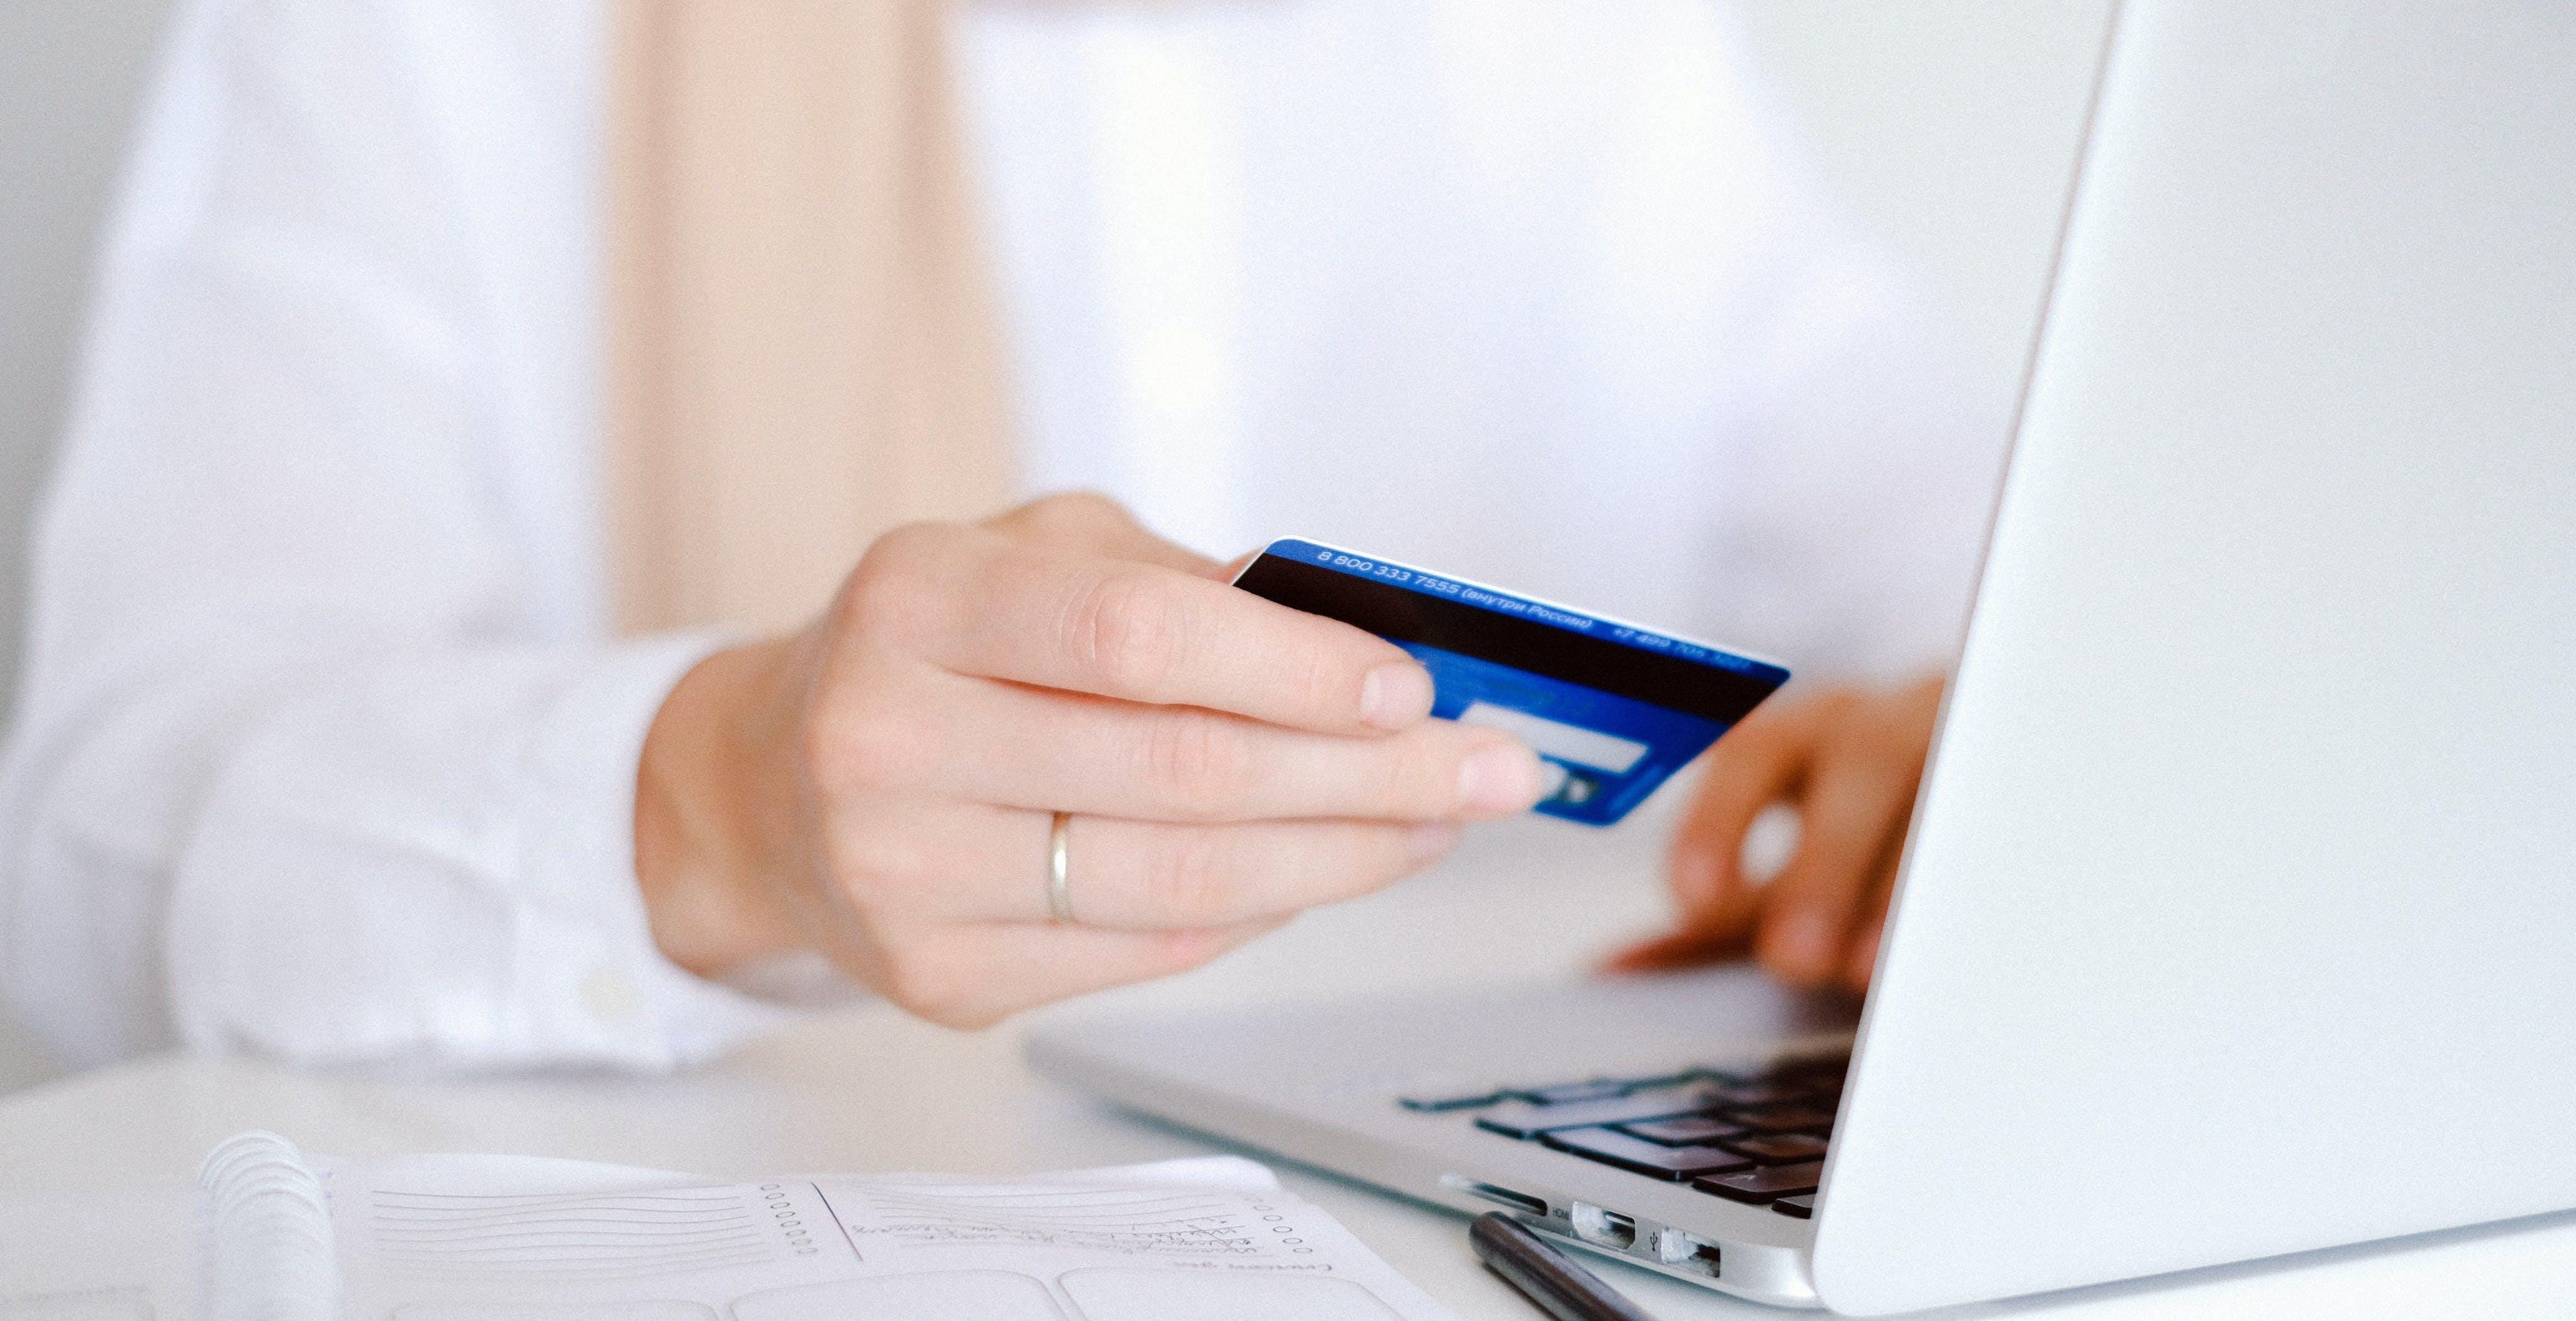 Come cambiano i pagamenti online dal 31 dicembre: arriva l'autenticazione forte